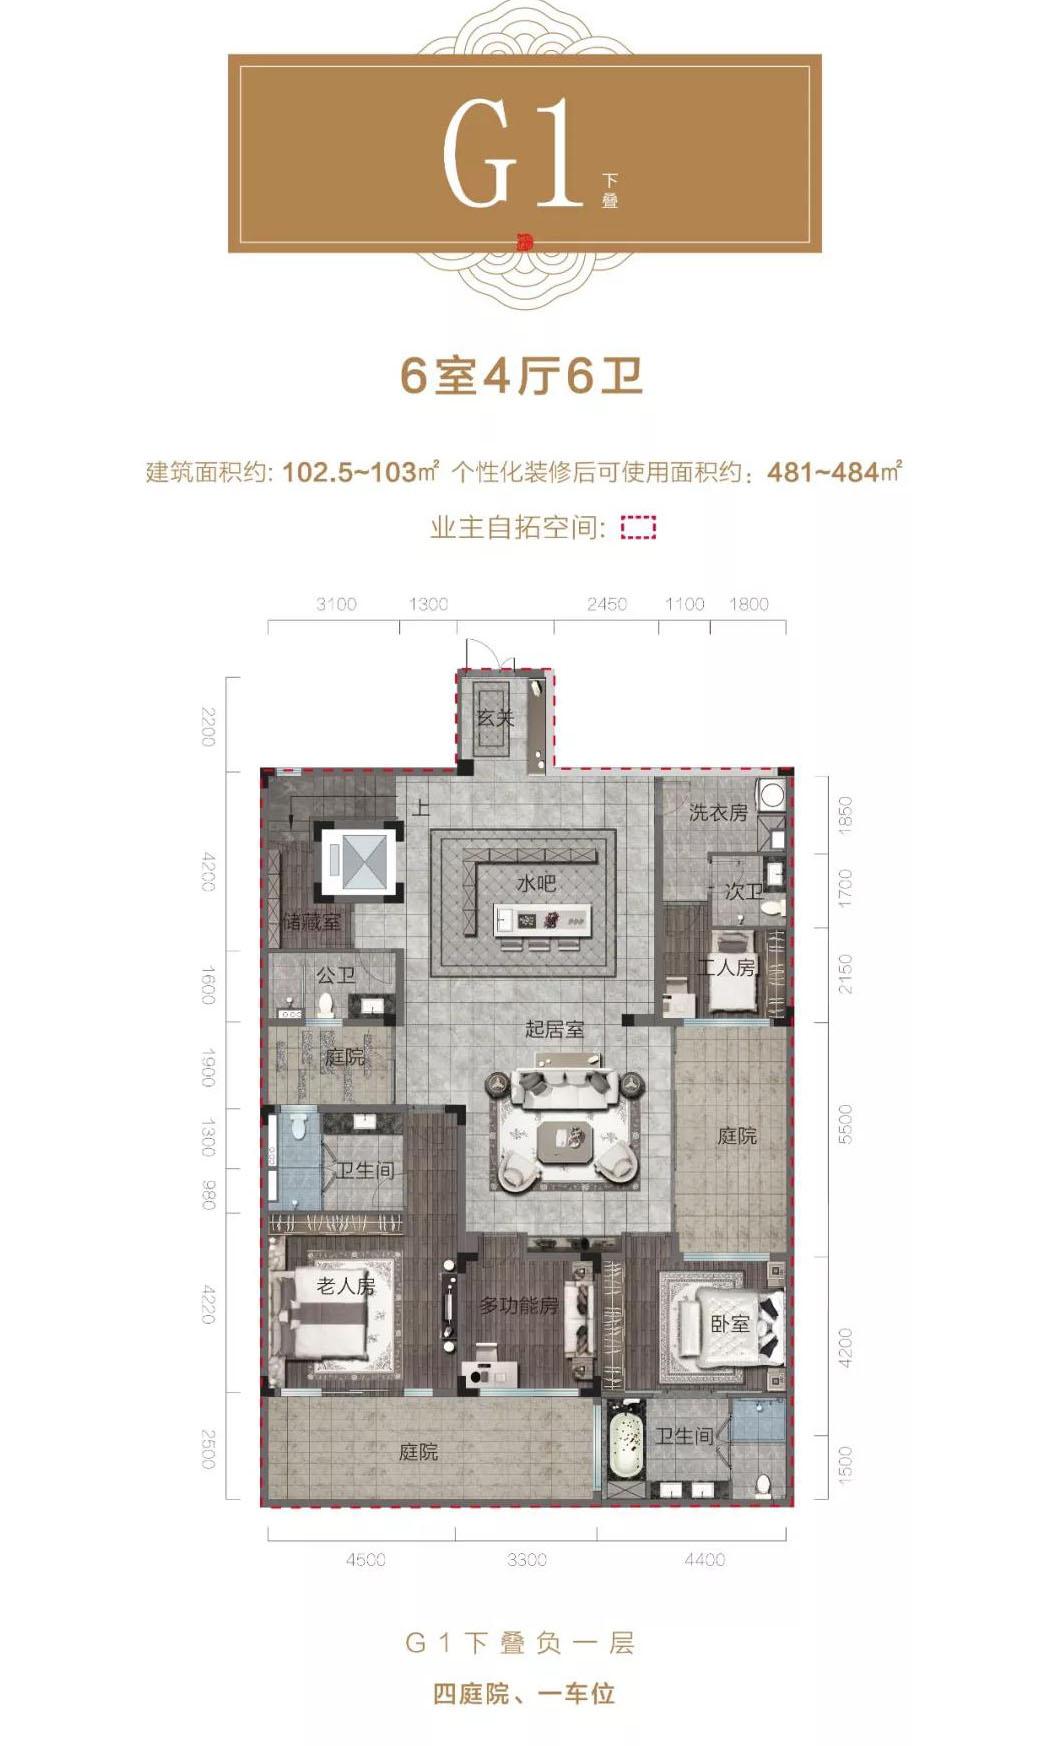 G1下叠负一层建面约102-103㎡6室4厅6卫